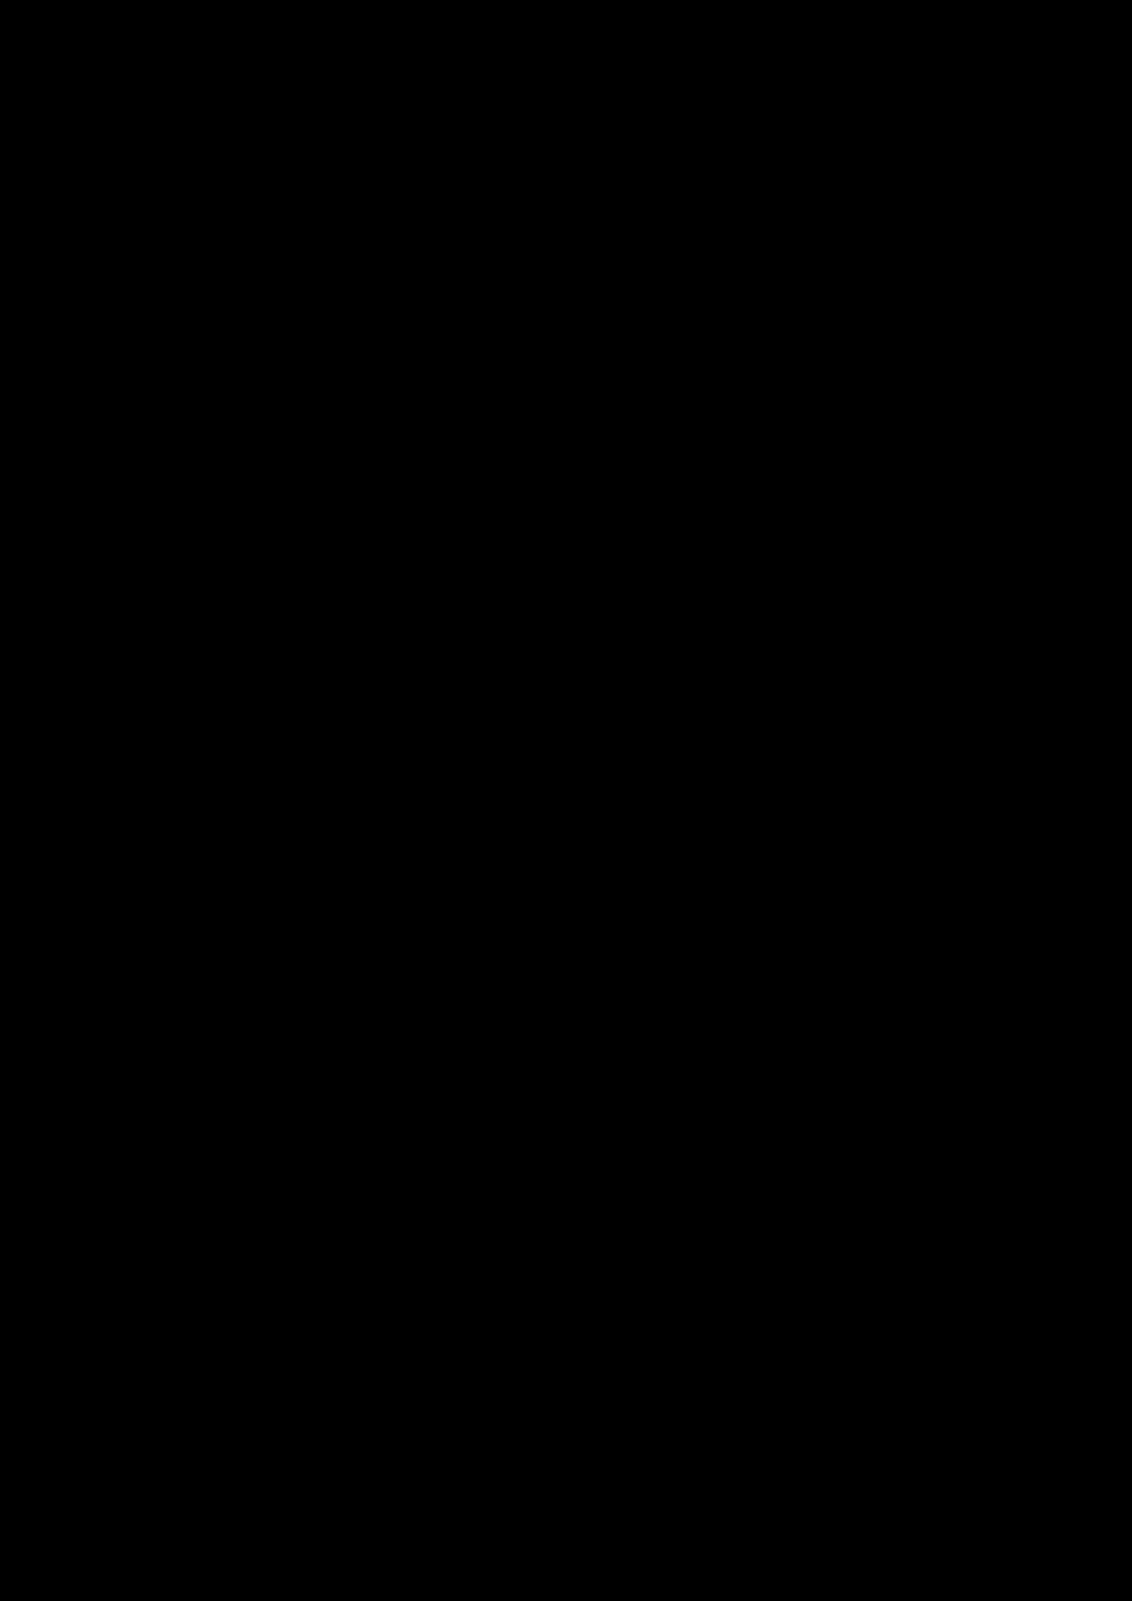 Vyibor Est slide, Image 26